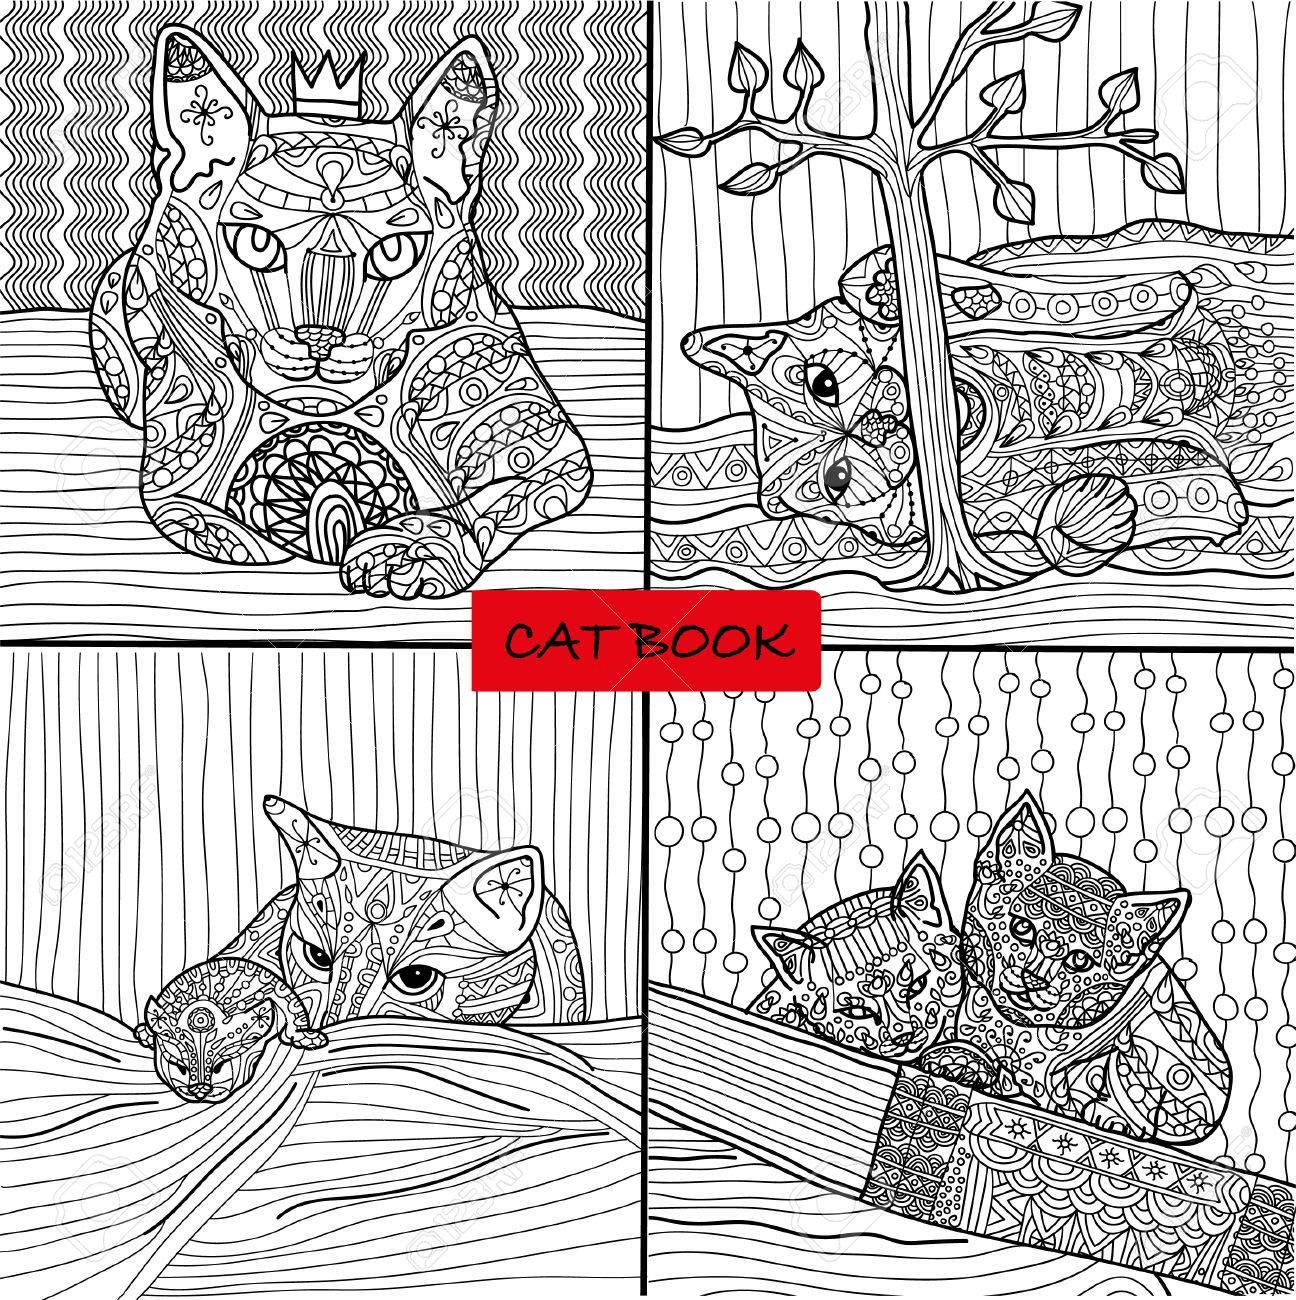 Livre De Coloriage Pour Les Adultes 2 Ensemble De Quatre Dessins à Colorier Pages De Chat Pour Adultes Et Enfants Vecteur Livre De Chat Zenart